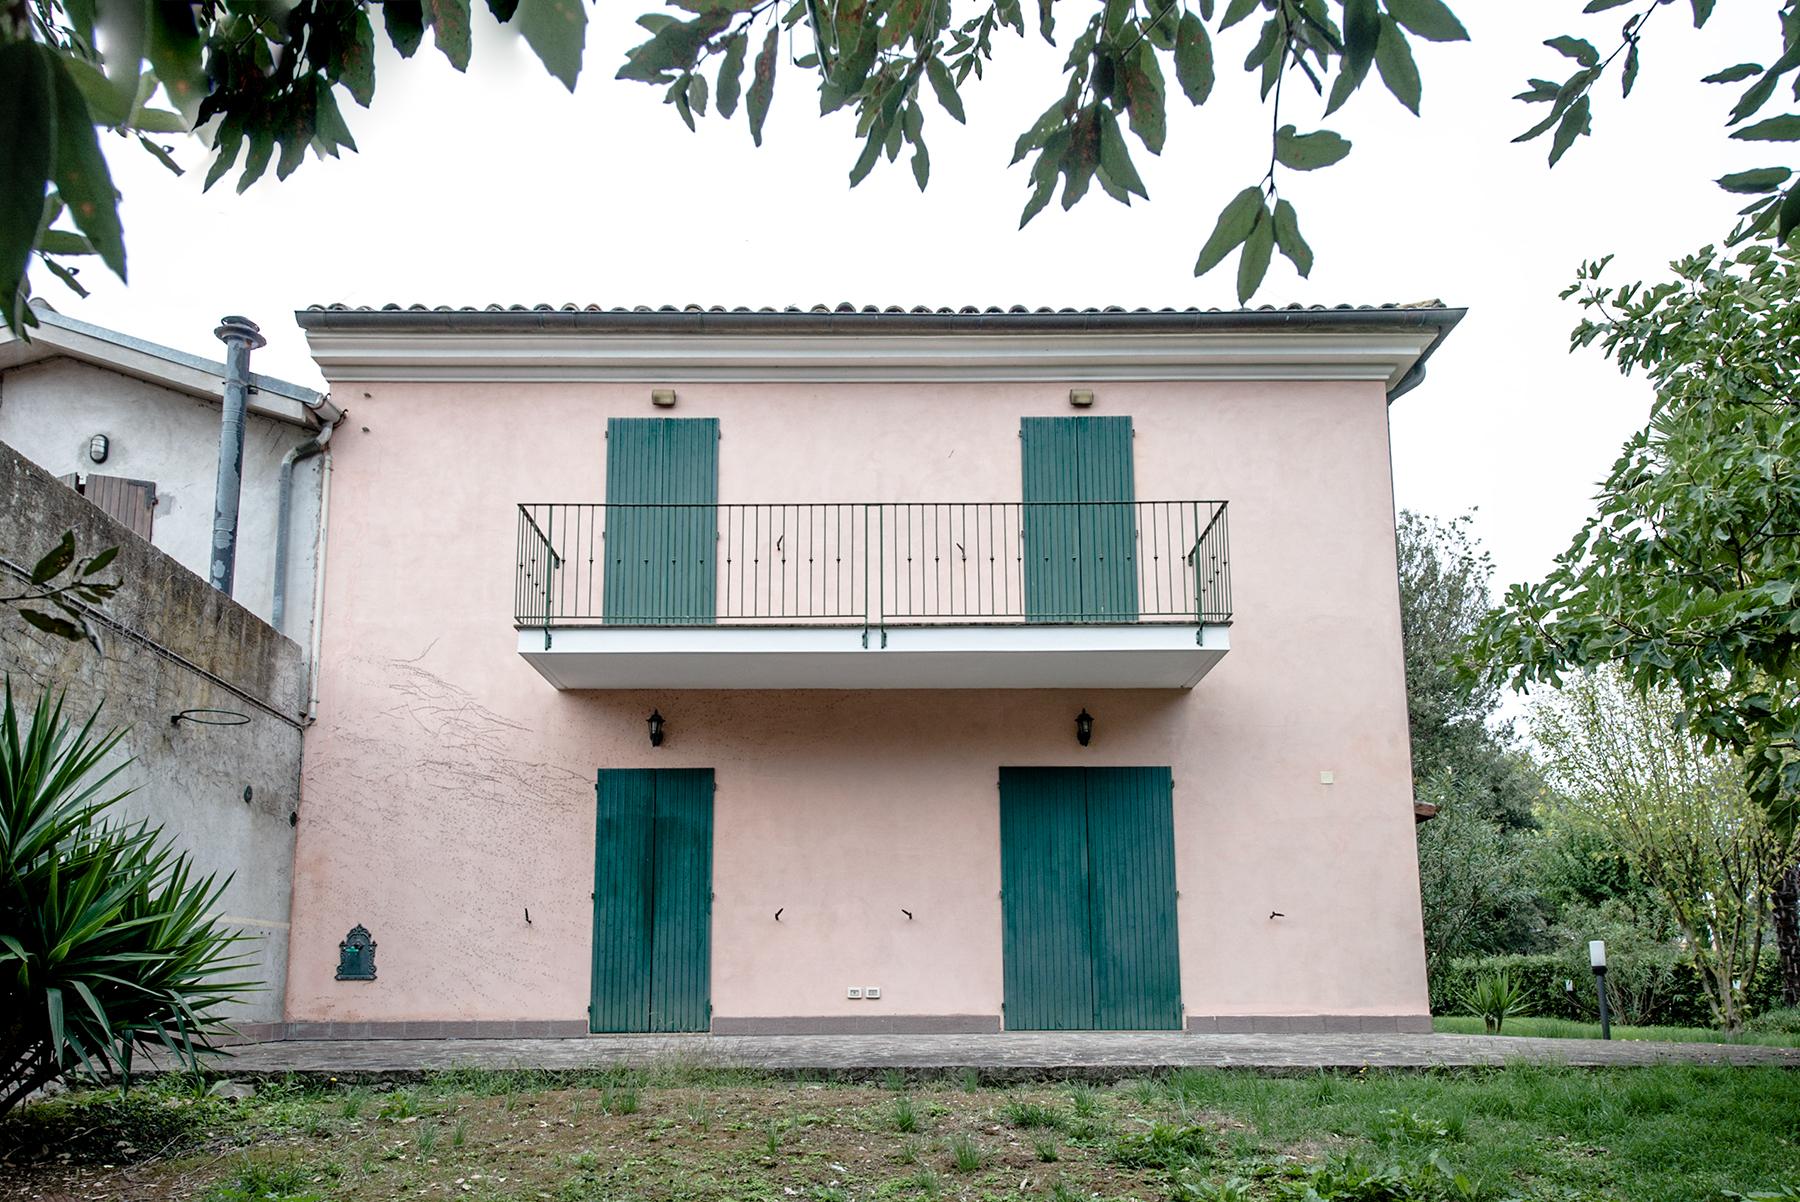 Villa in Vendita a Mondolfo: 5 locali, 240 mq - Foto 5